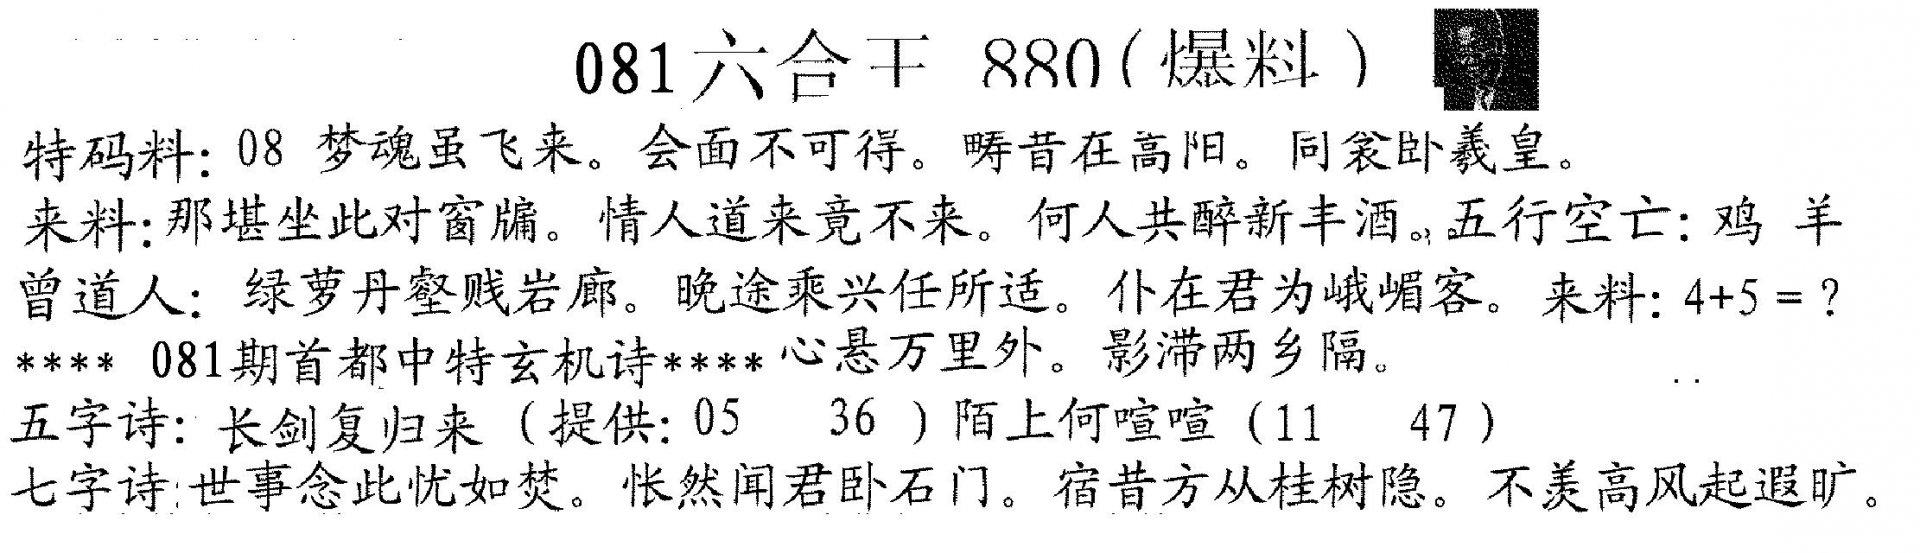 081期880来料(黑白)